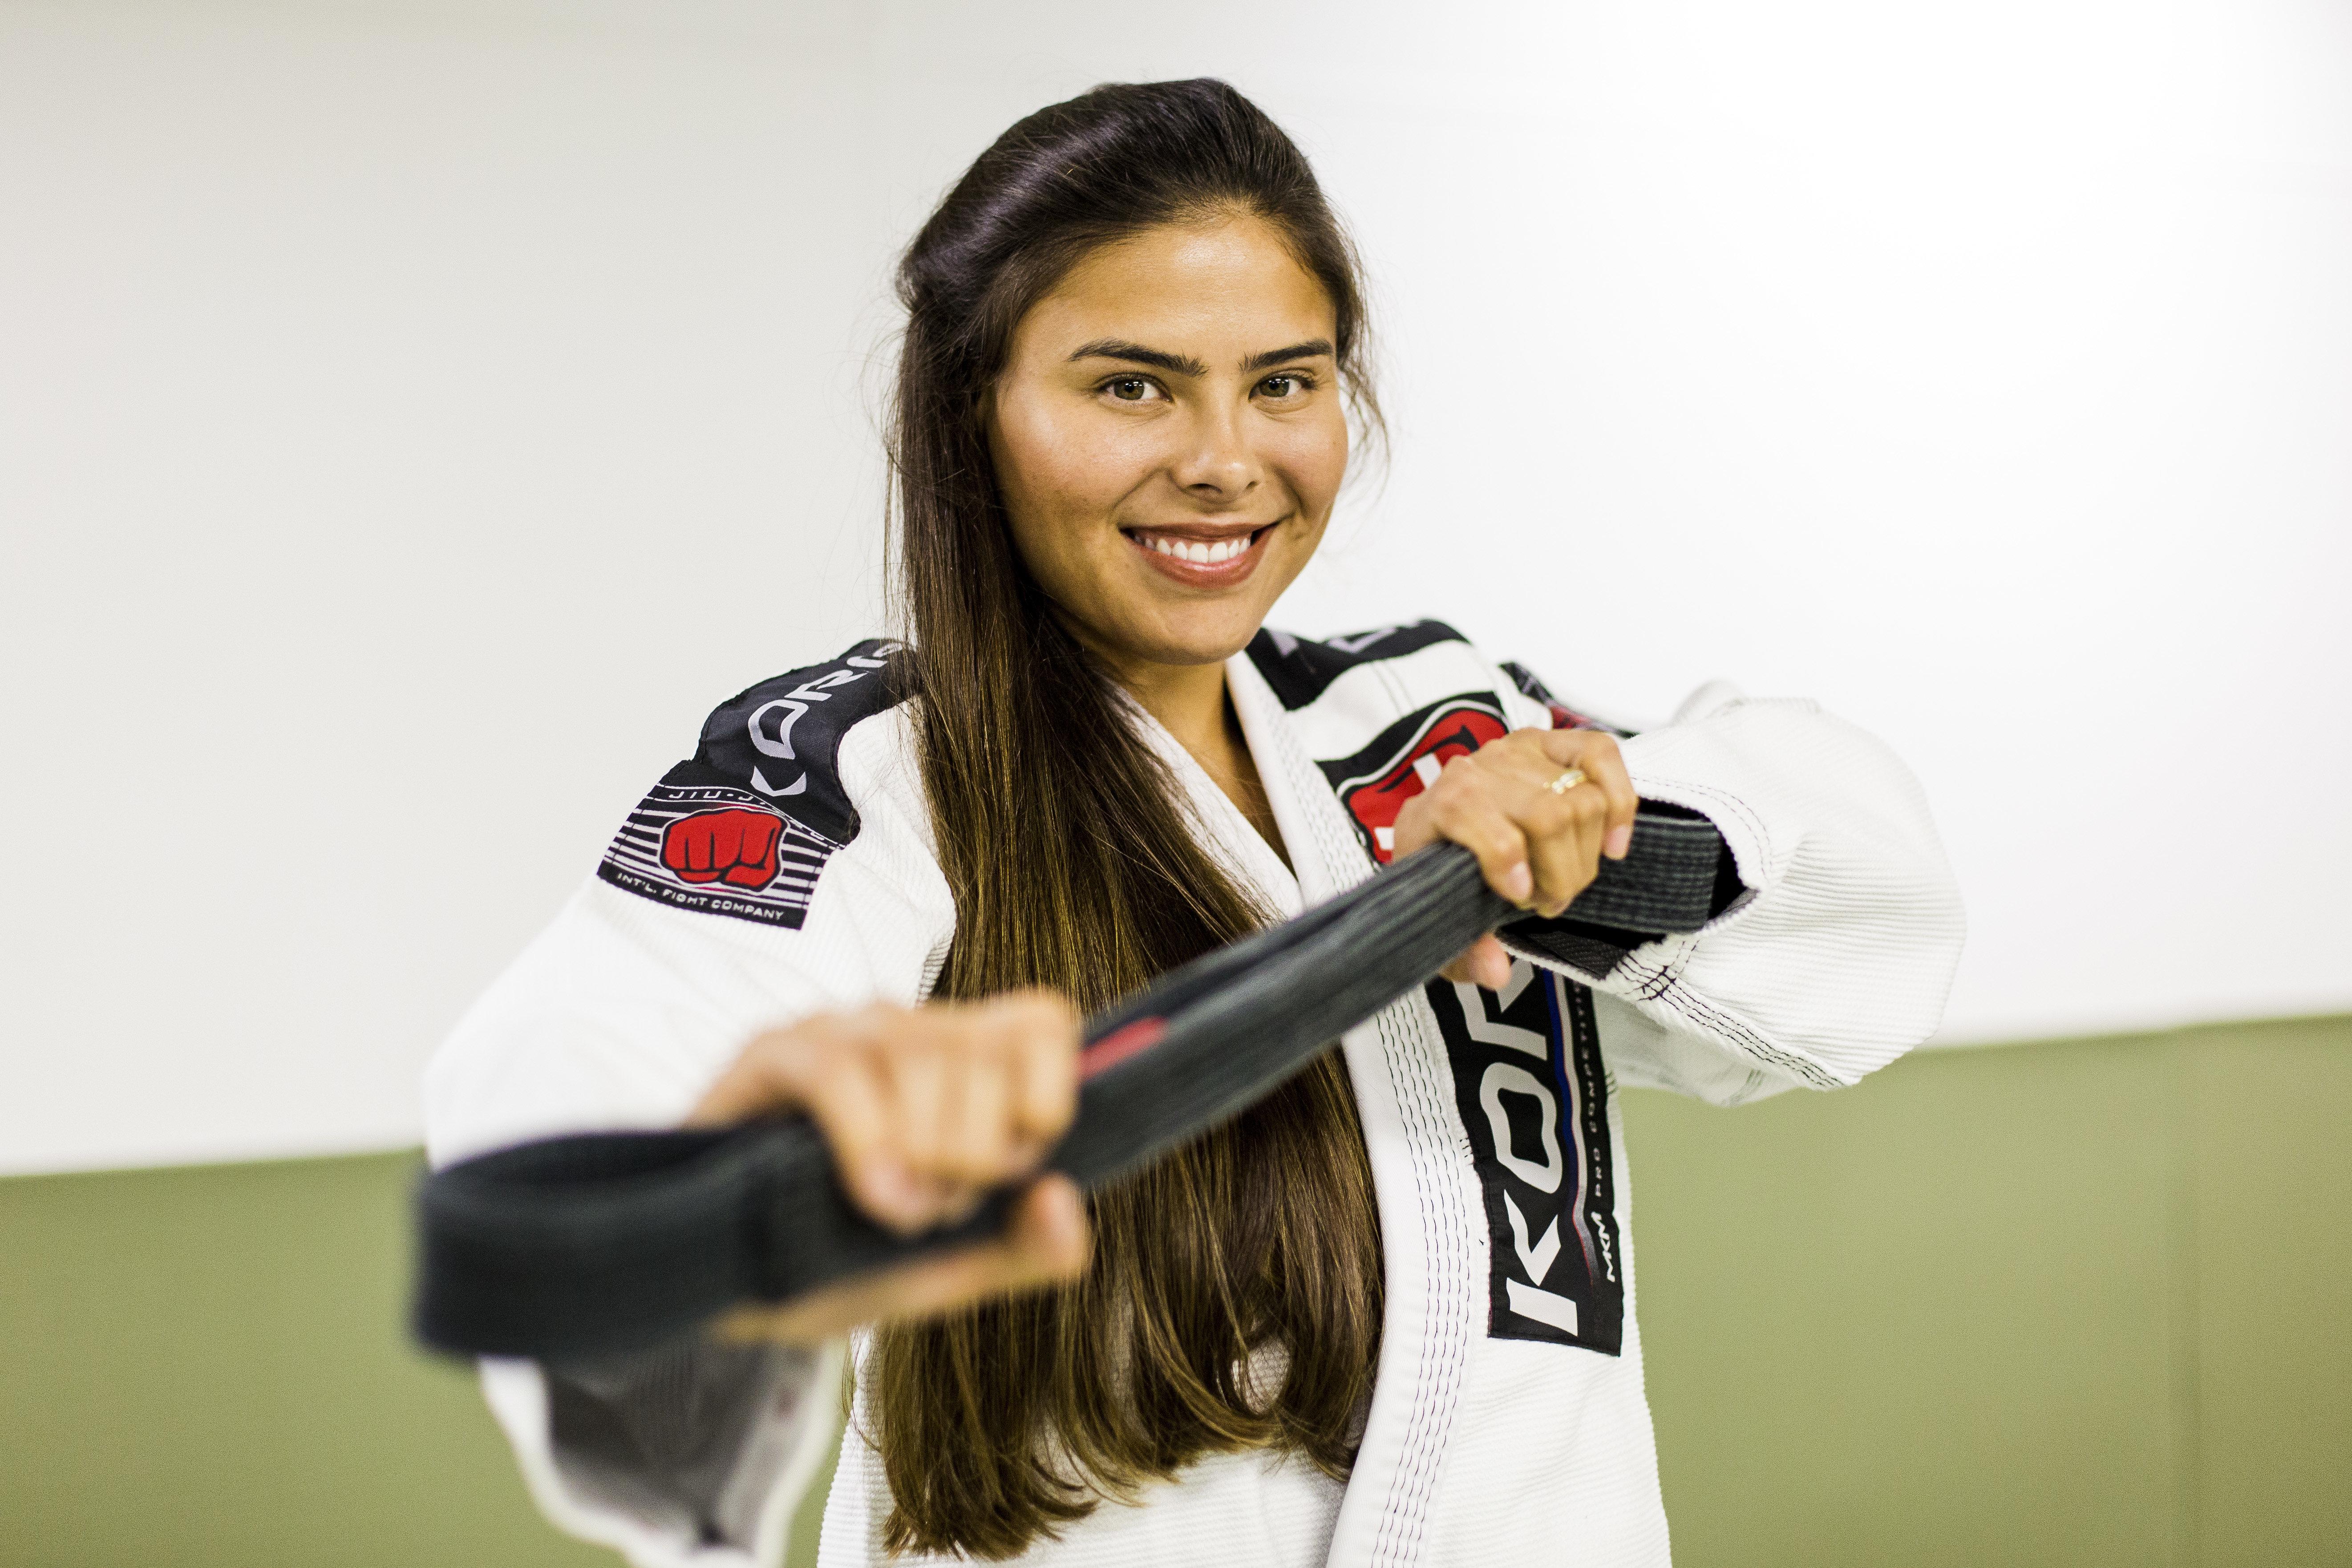 A modelo que virou campeã mundial de jiu-jitsu e botou 8 medalhas de ouro no